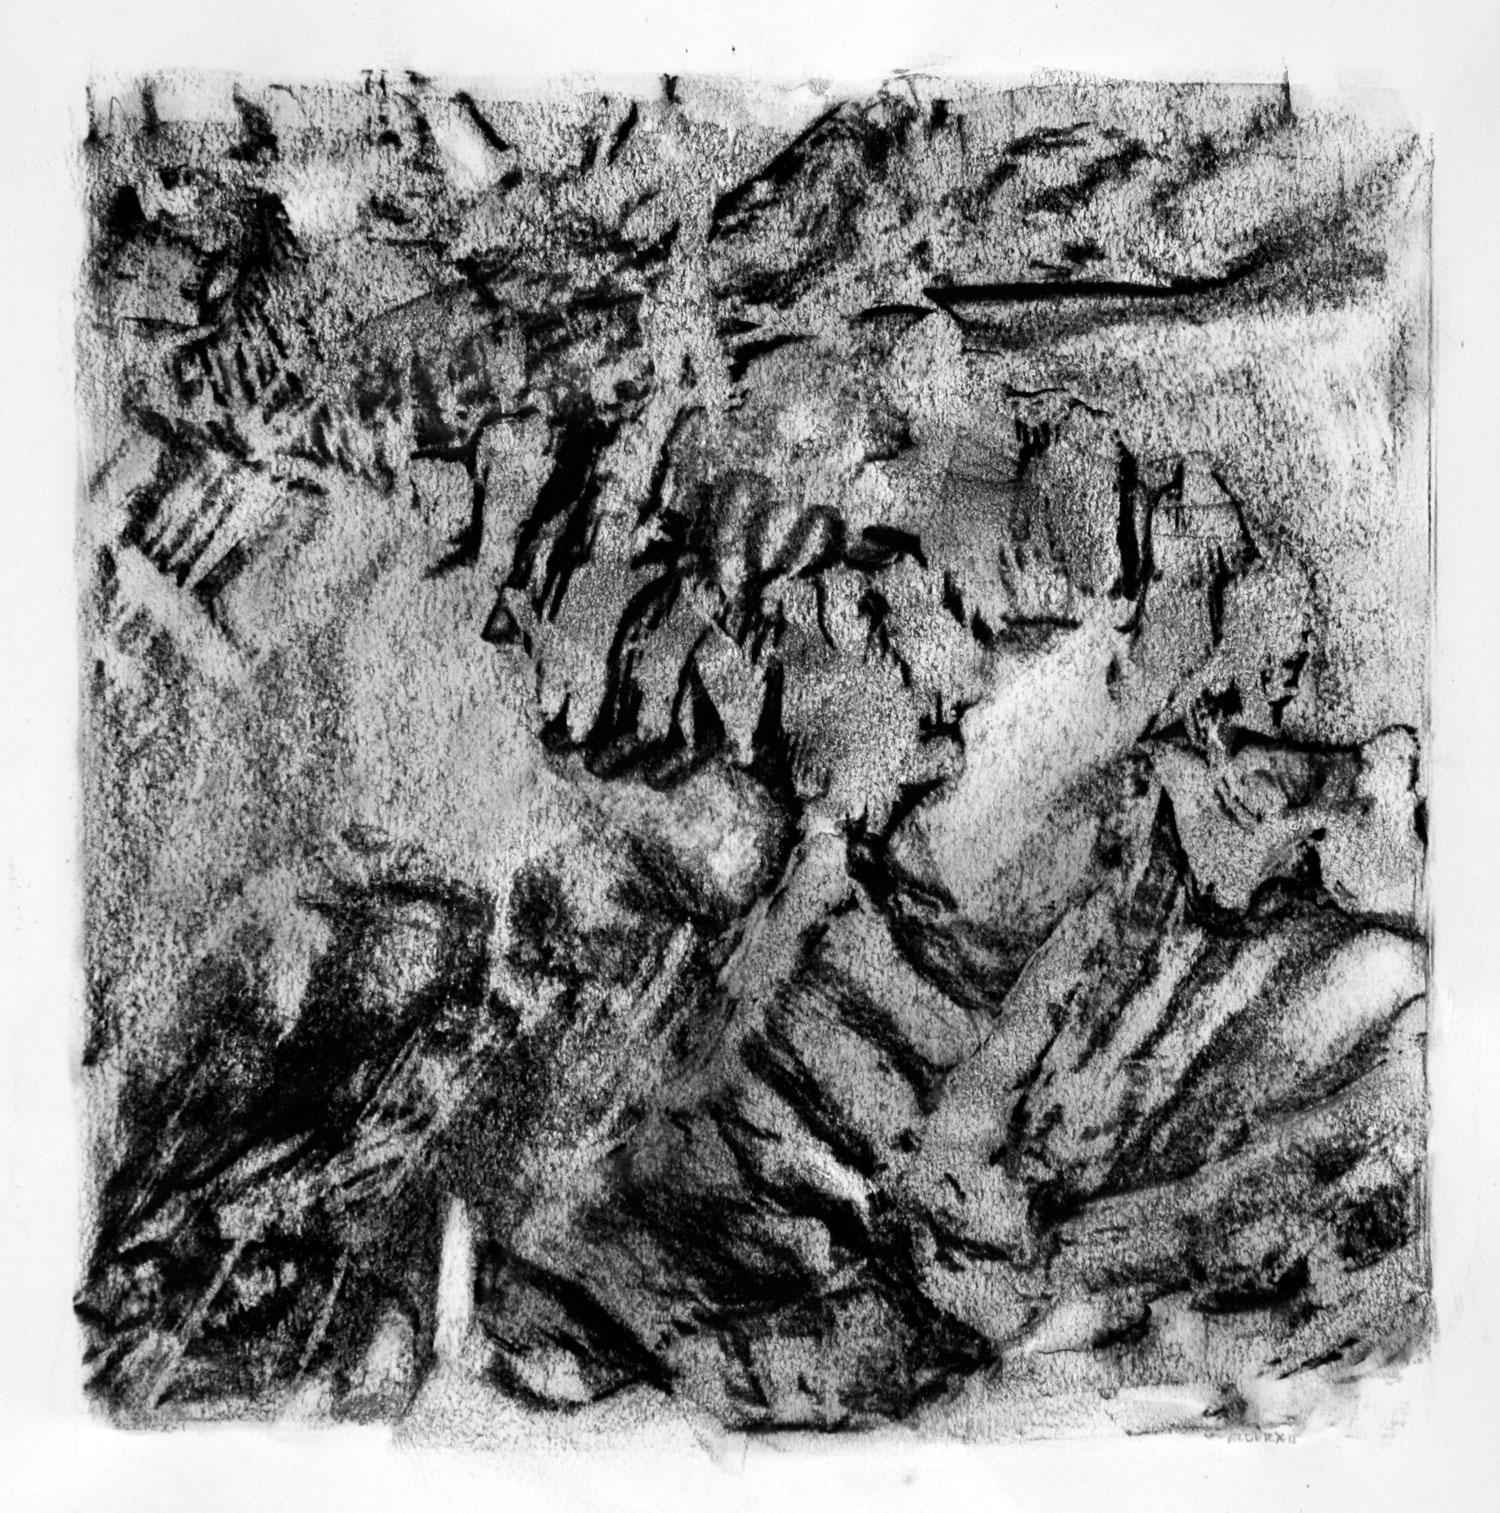 """SCAPE, X-1  12"""" X 12"""" image   19.5"""" x 25.5"""" Canson Dessin Paper"""